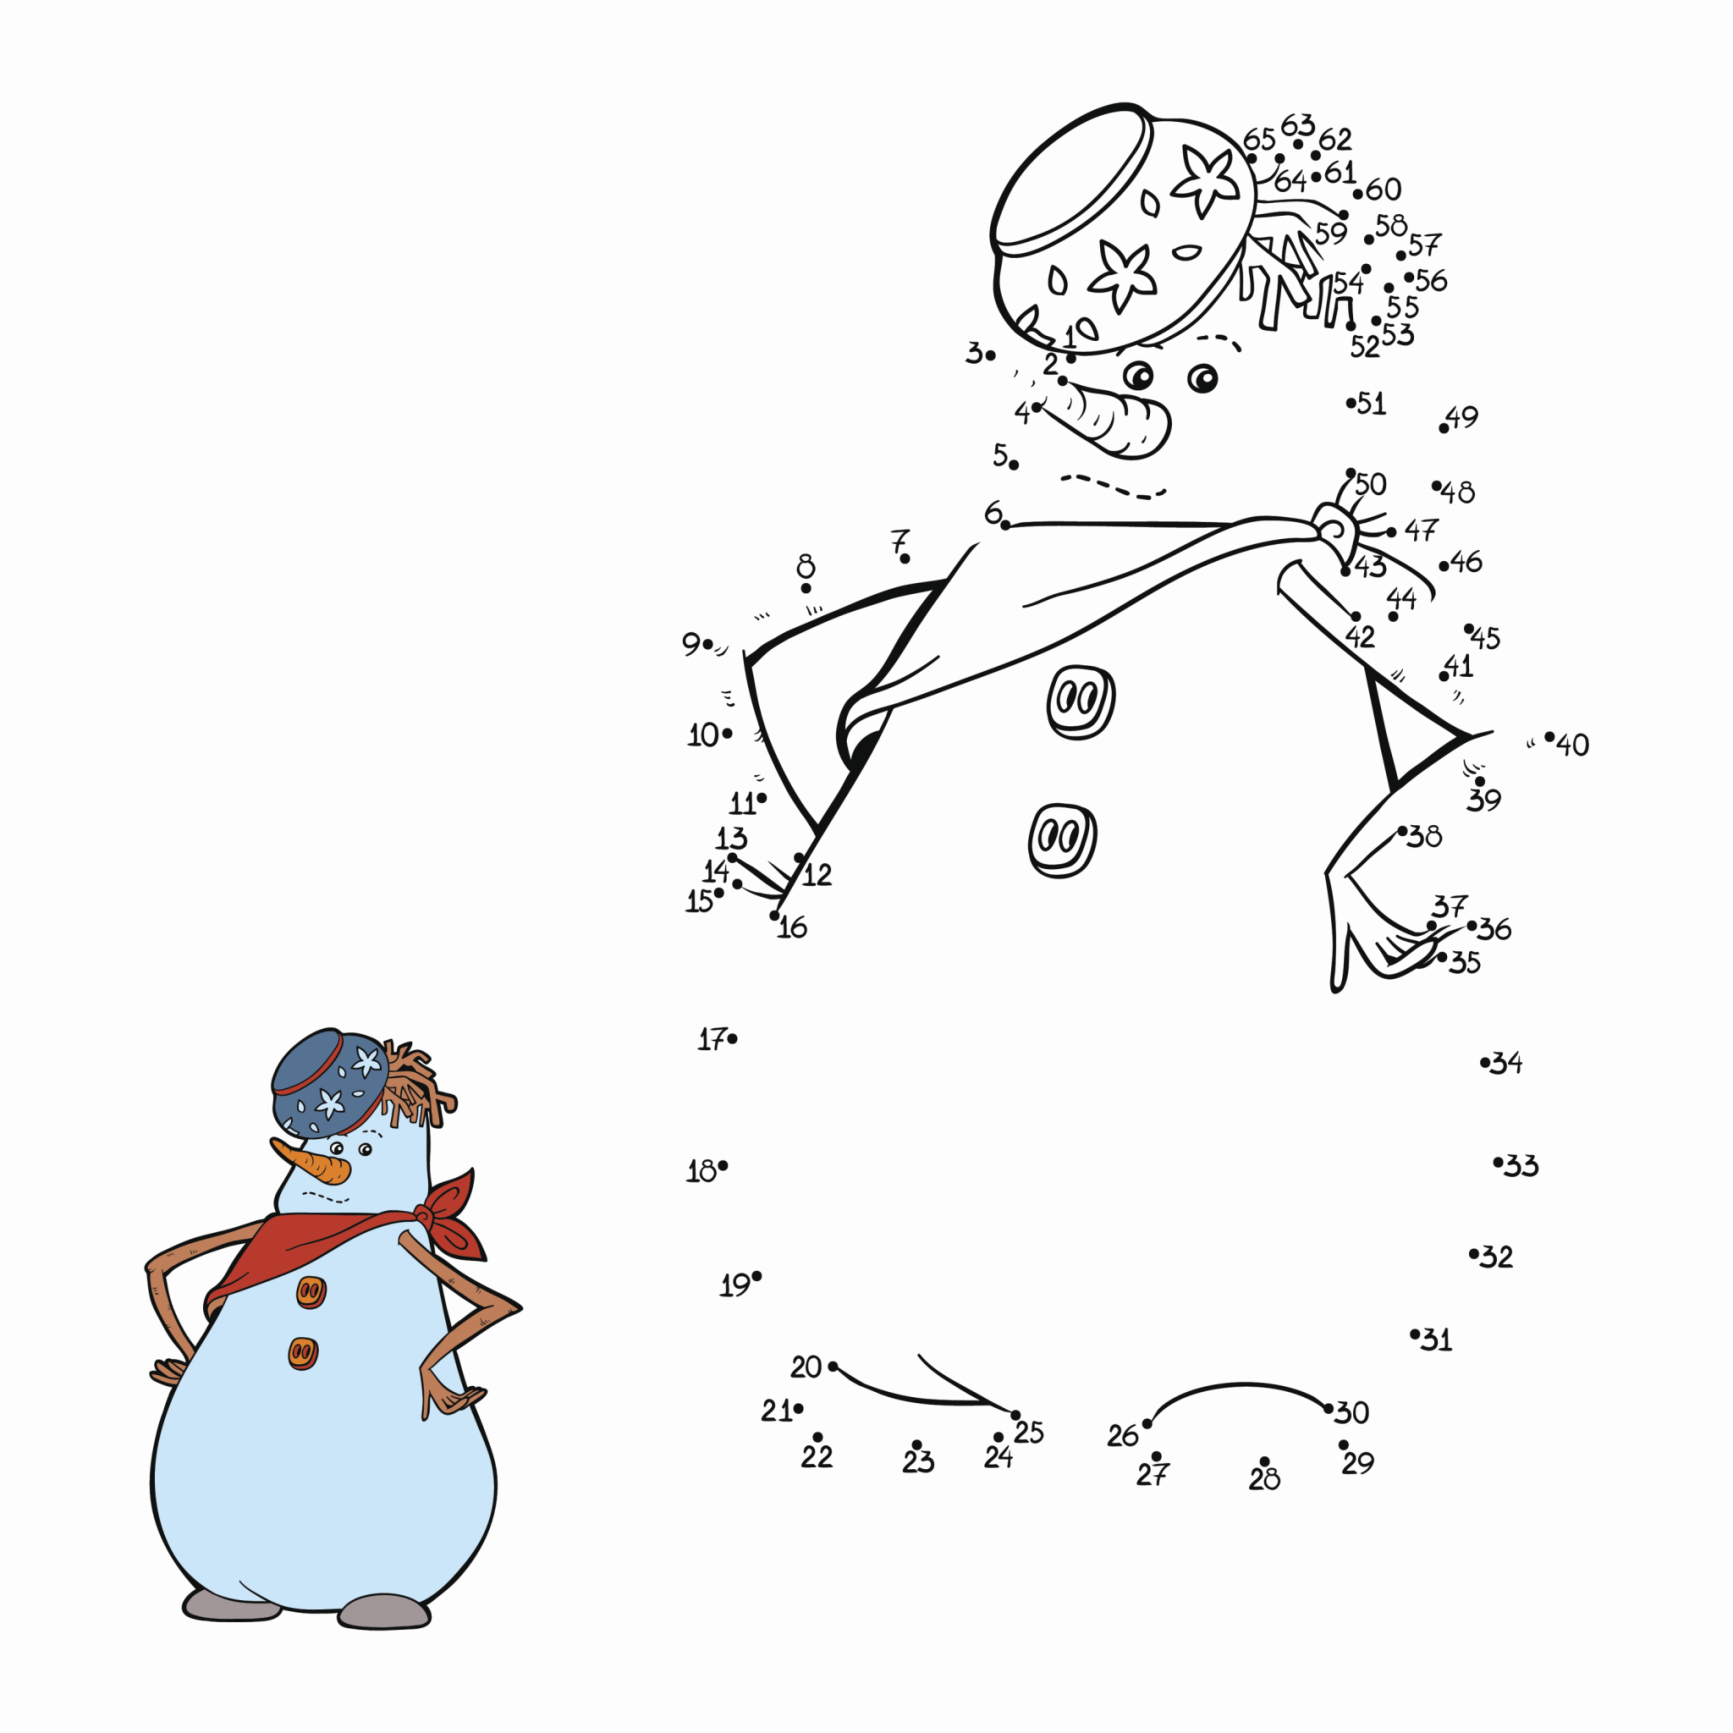 Point À Relier : Nos Modèles De Noël À Imprimer ! - Famili.fr encequiconcerne Jeux Point A Relier